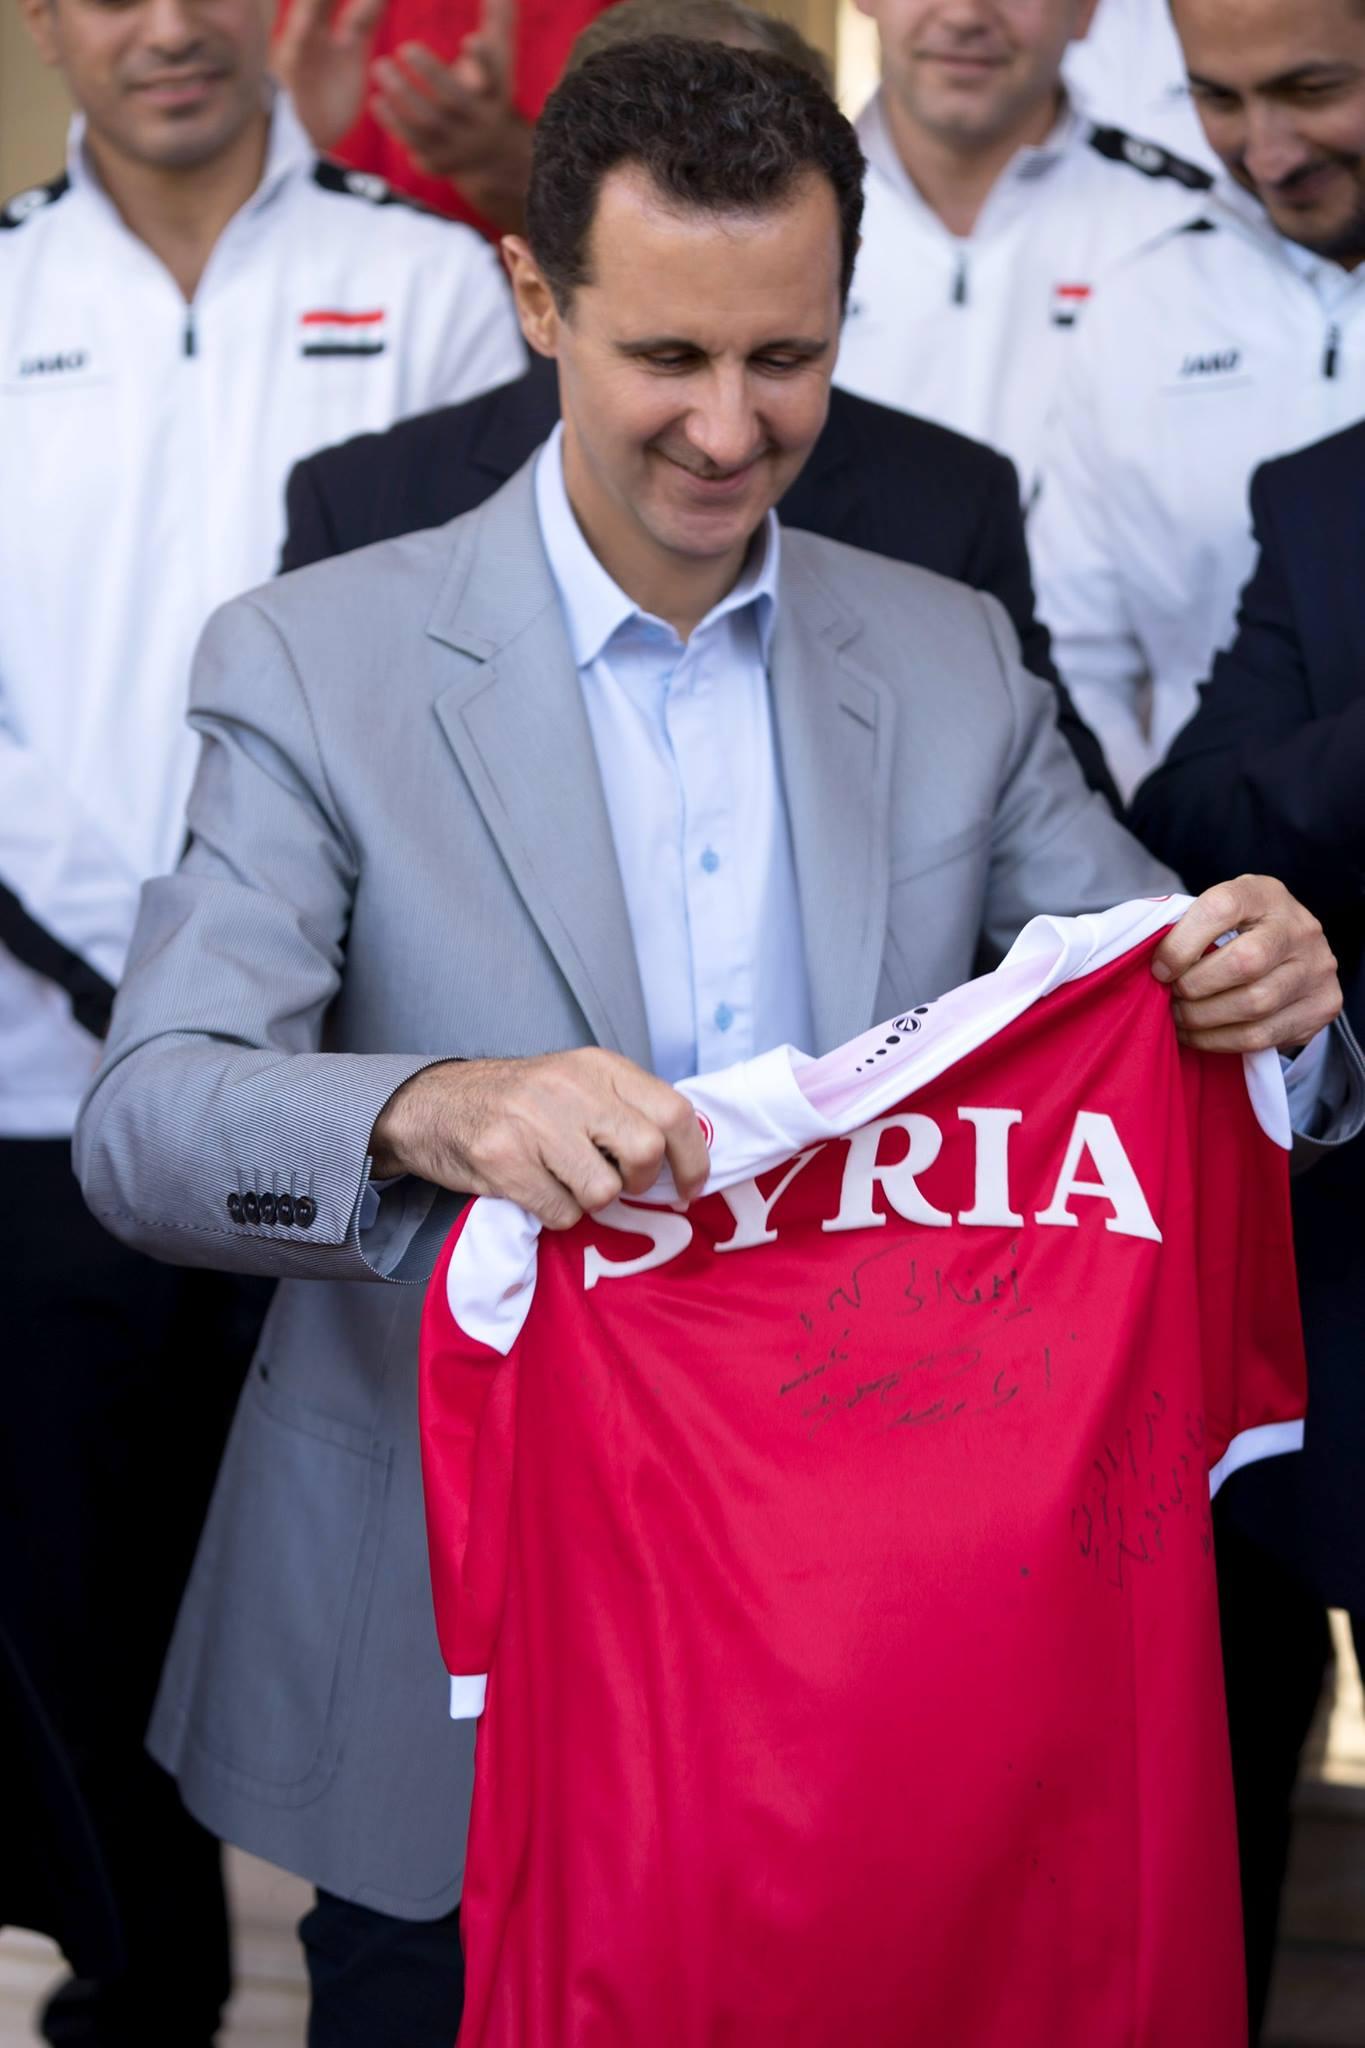 رئيس النظام السوري، بشار الأسد، يستقبل لاعبي المنتخب السوري - 23 تشرين الأول 2017 (رئاسة الجمهورية)